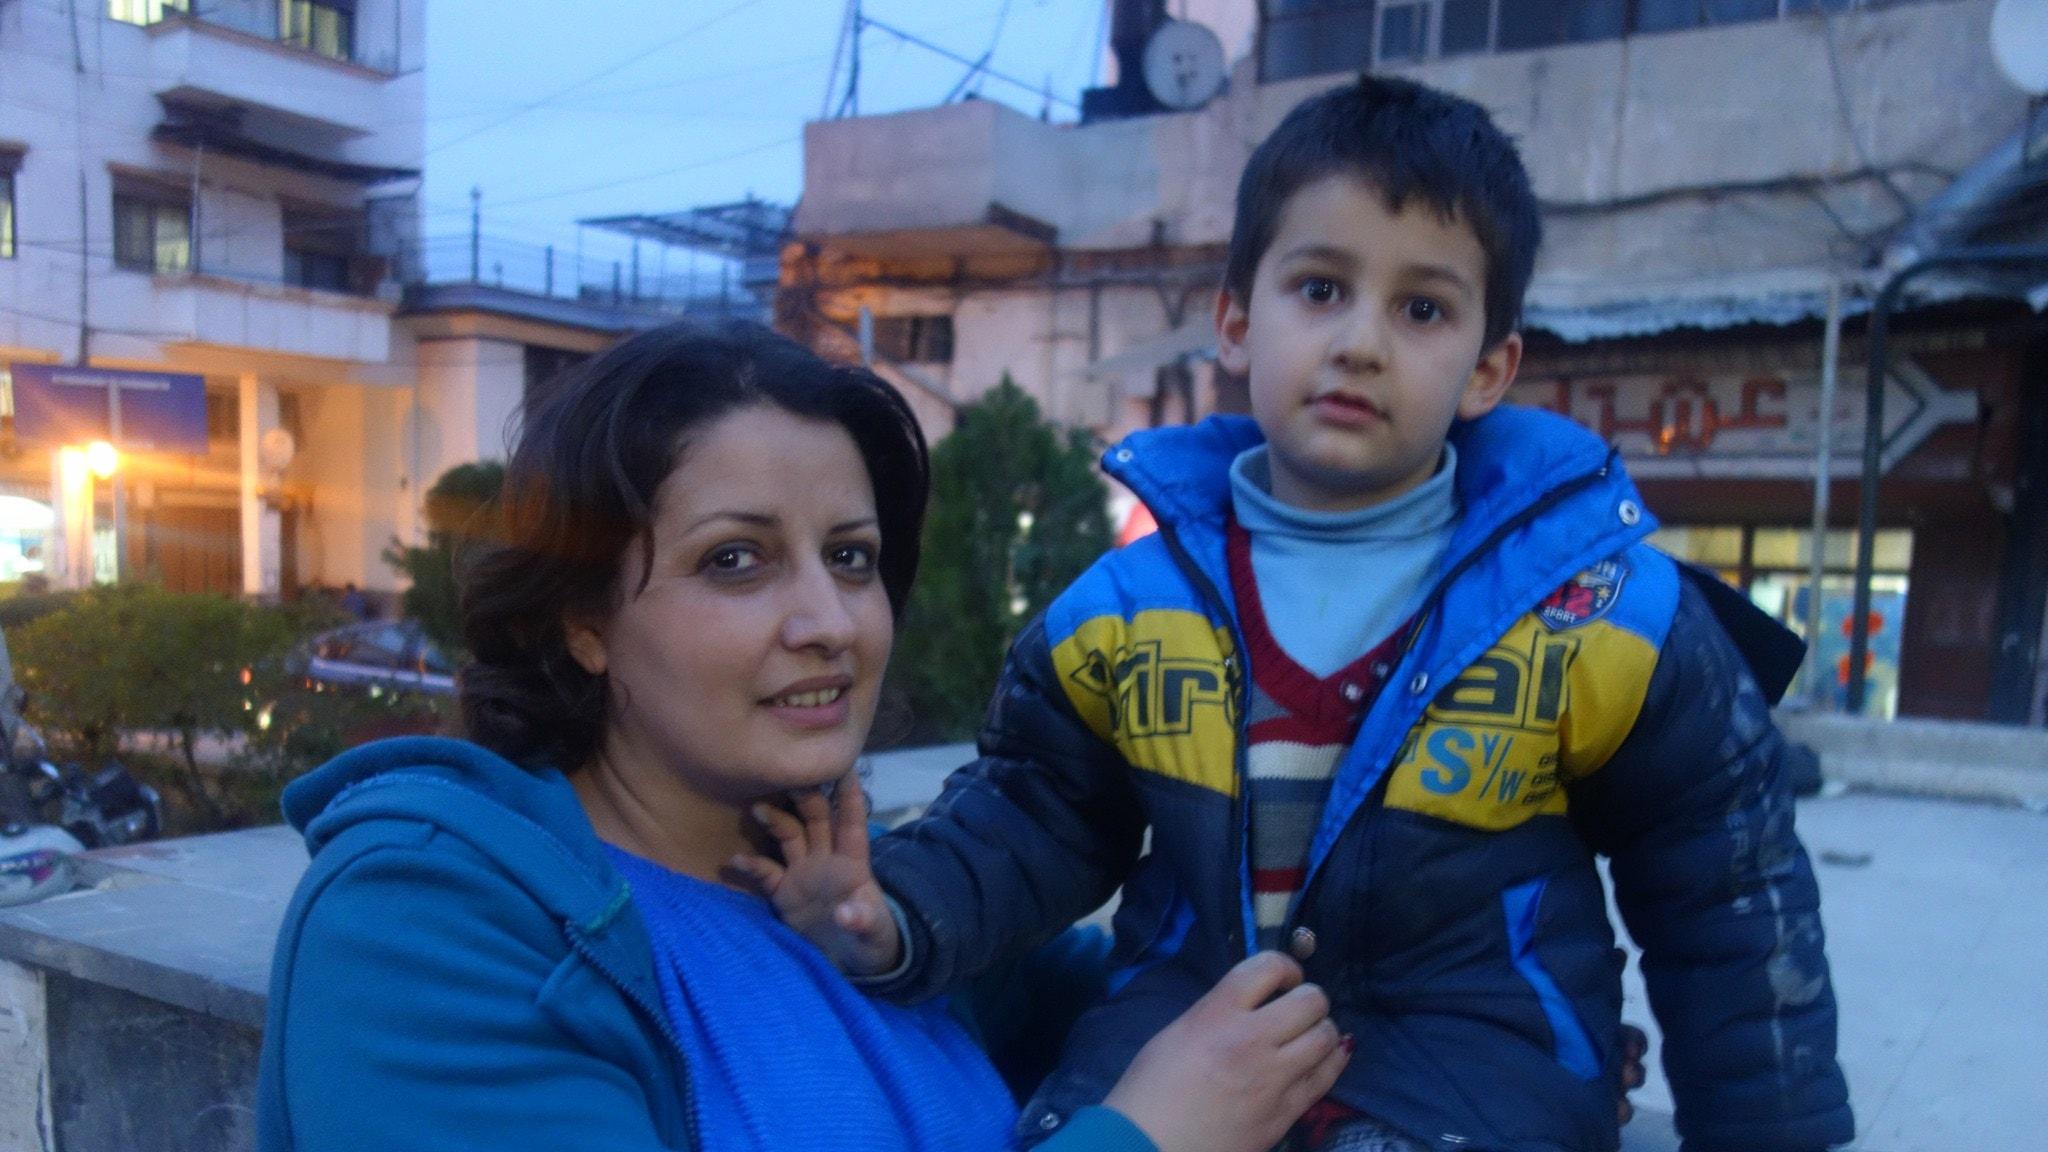 Nedrakning till eldupphor i libanon